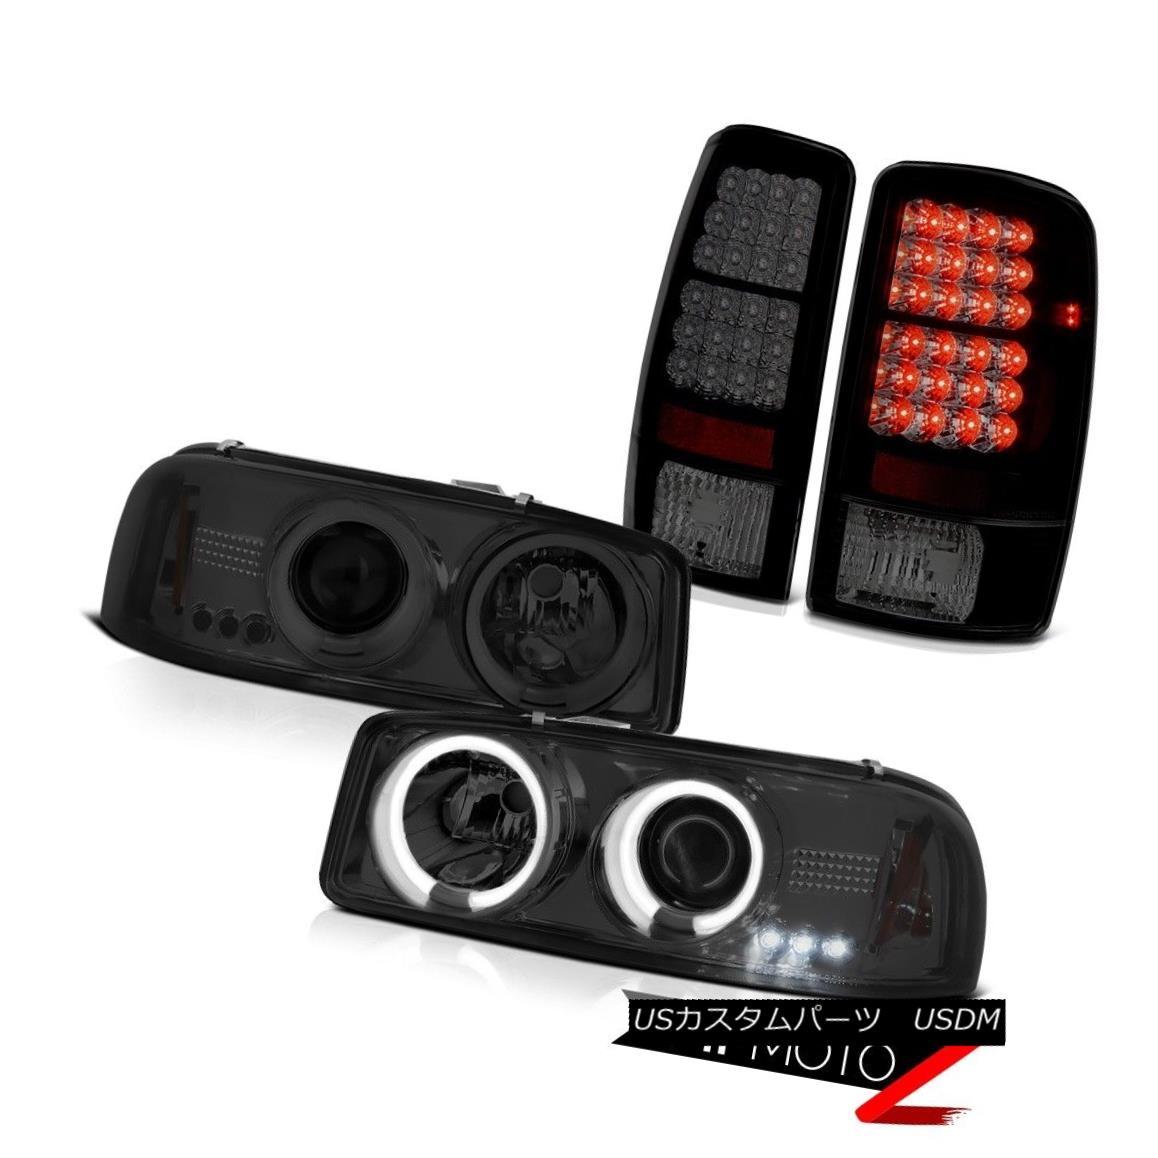 テールライト 2000-2006 Yukon Bright CCFL Halo Headlights Dark Smoke Black SMD LED Tail Lights 2000-2006ユーコンブライトCCFLハローヘッドライトダークスモークブラックSMD LEDテールライト